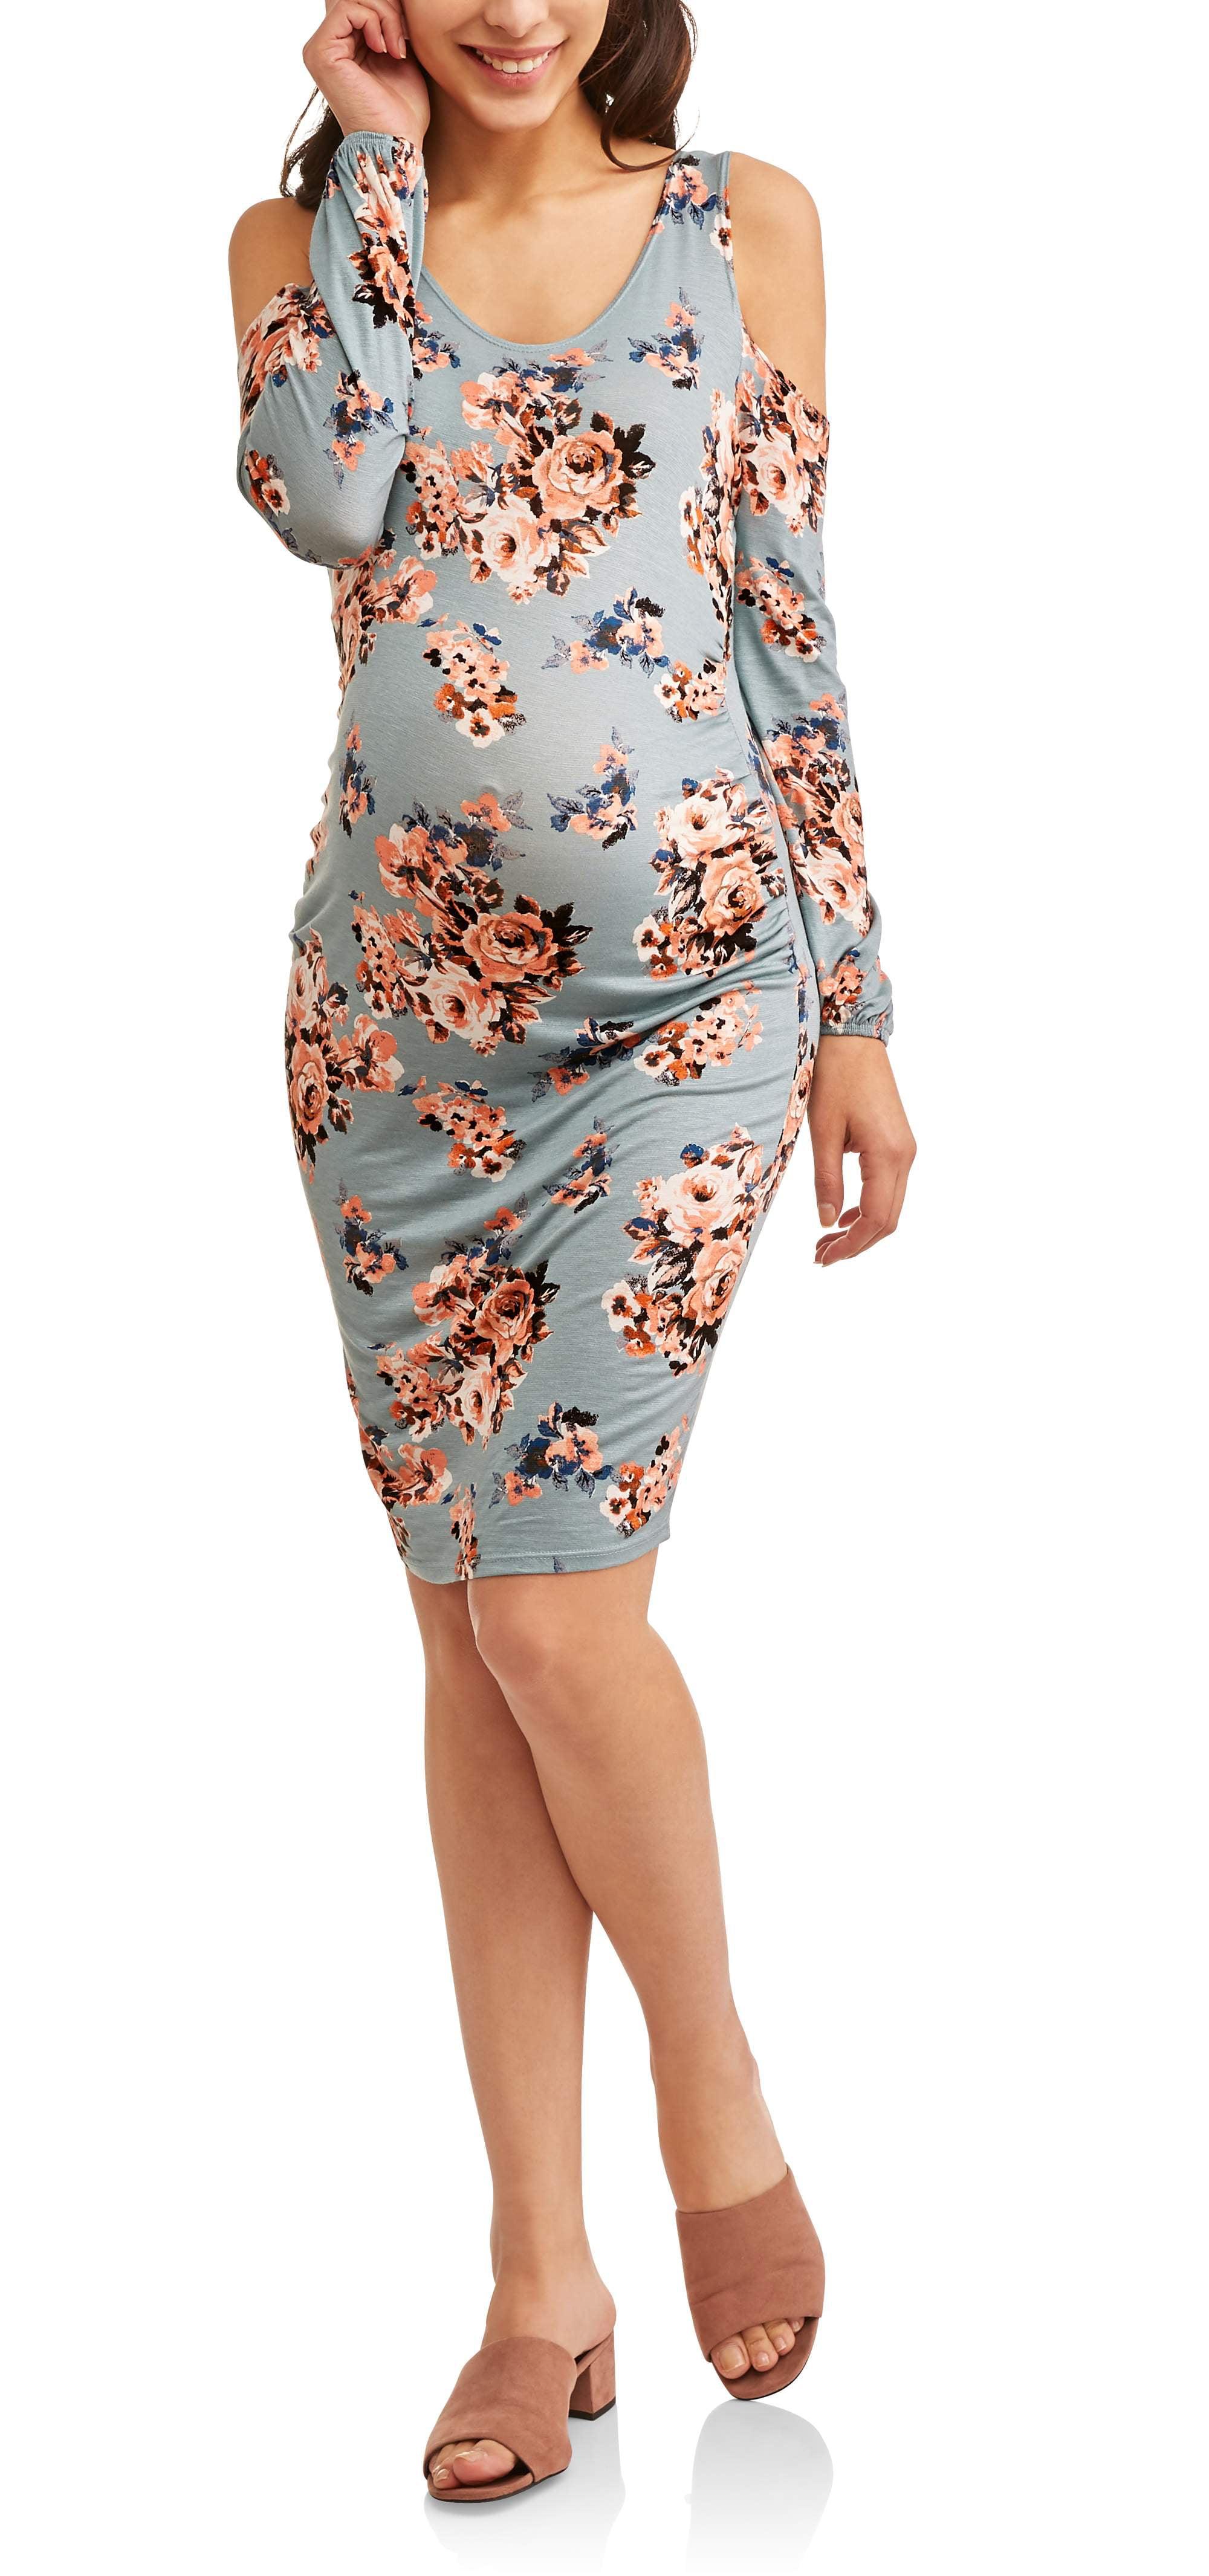 Maternity Long Sleeve Cold Shoulder Dress by ELO Sportswear